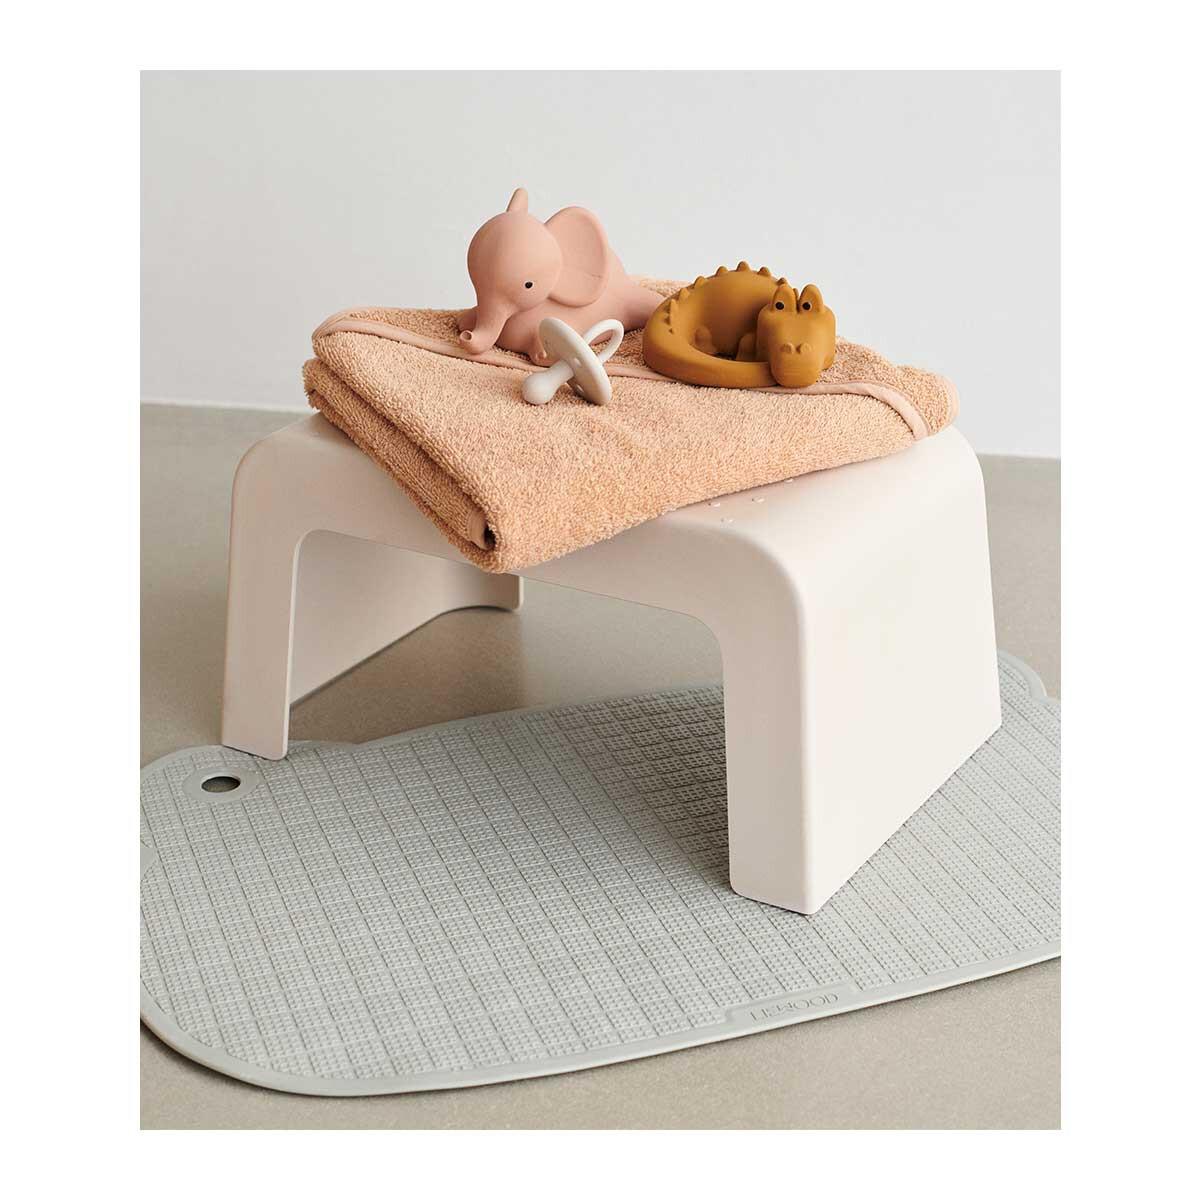 Liewood rubberen badspeelgoed en een katoenen badcape op een opstapje in cremekleur